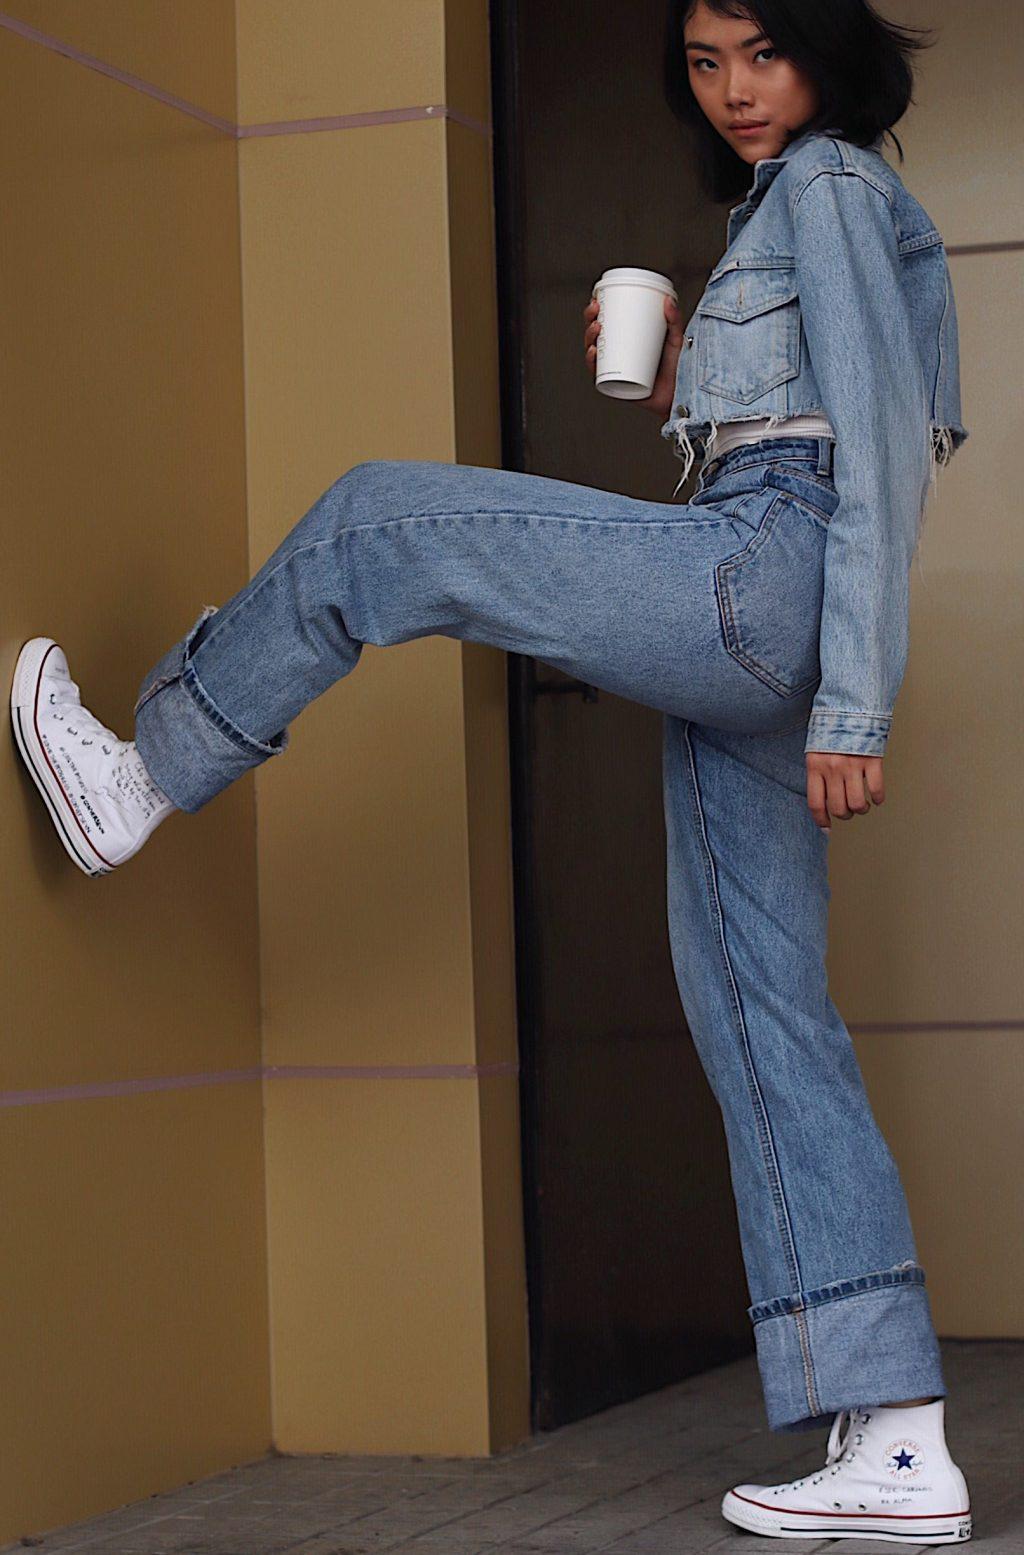 """Mượn giày Converse để trả lời cho câu hỏi """"Như thế nào là con gái?"""" 3"""